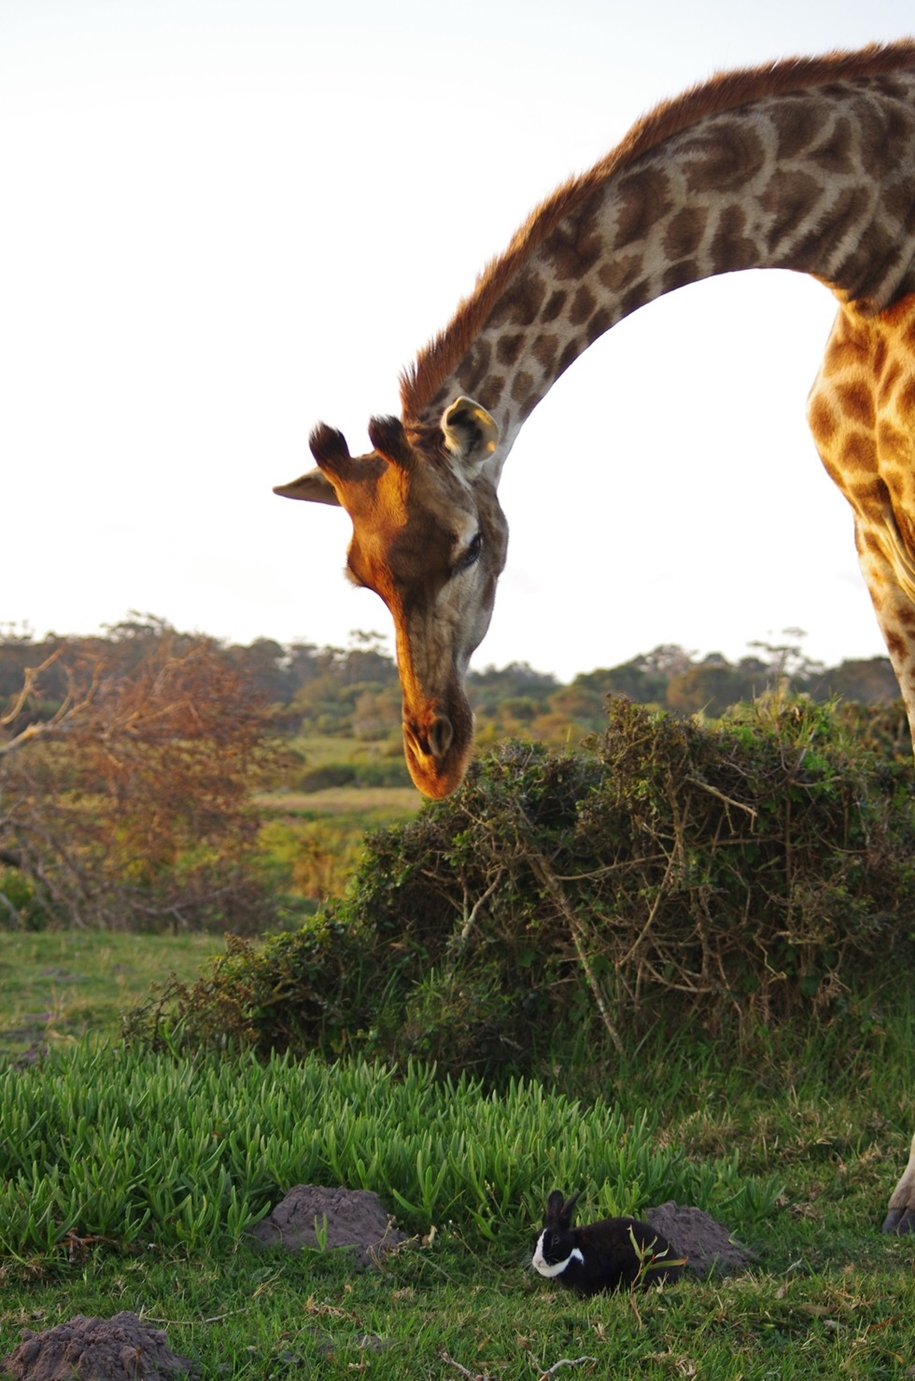 the-oddest-couple-of-friends-a-giraffe-and-a-rabbit-01